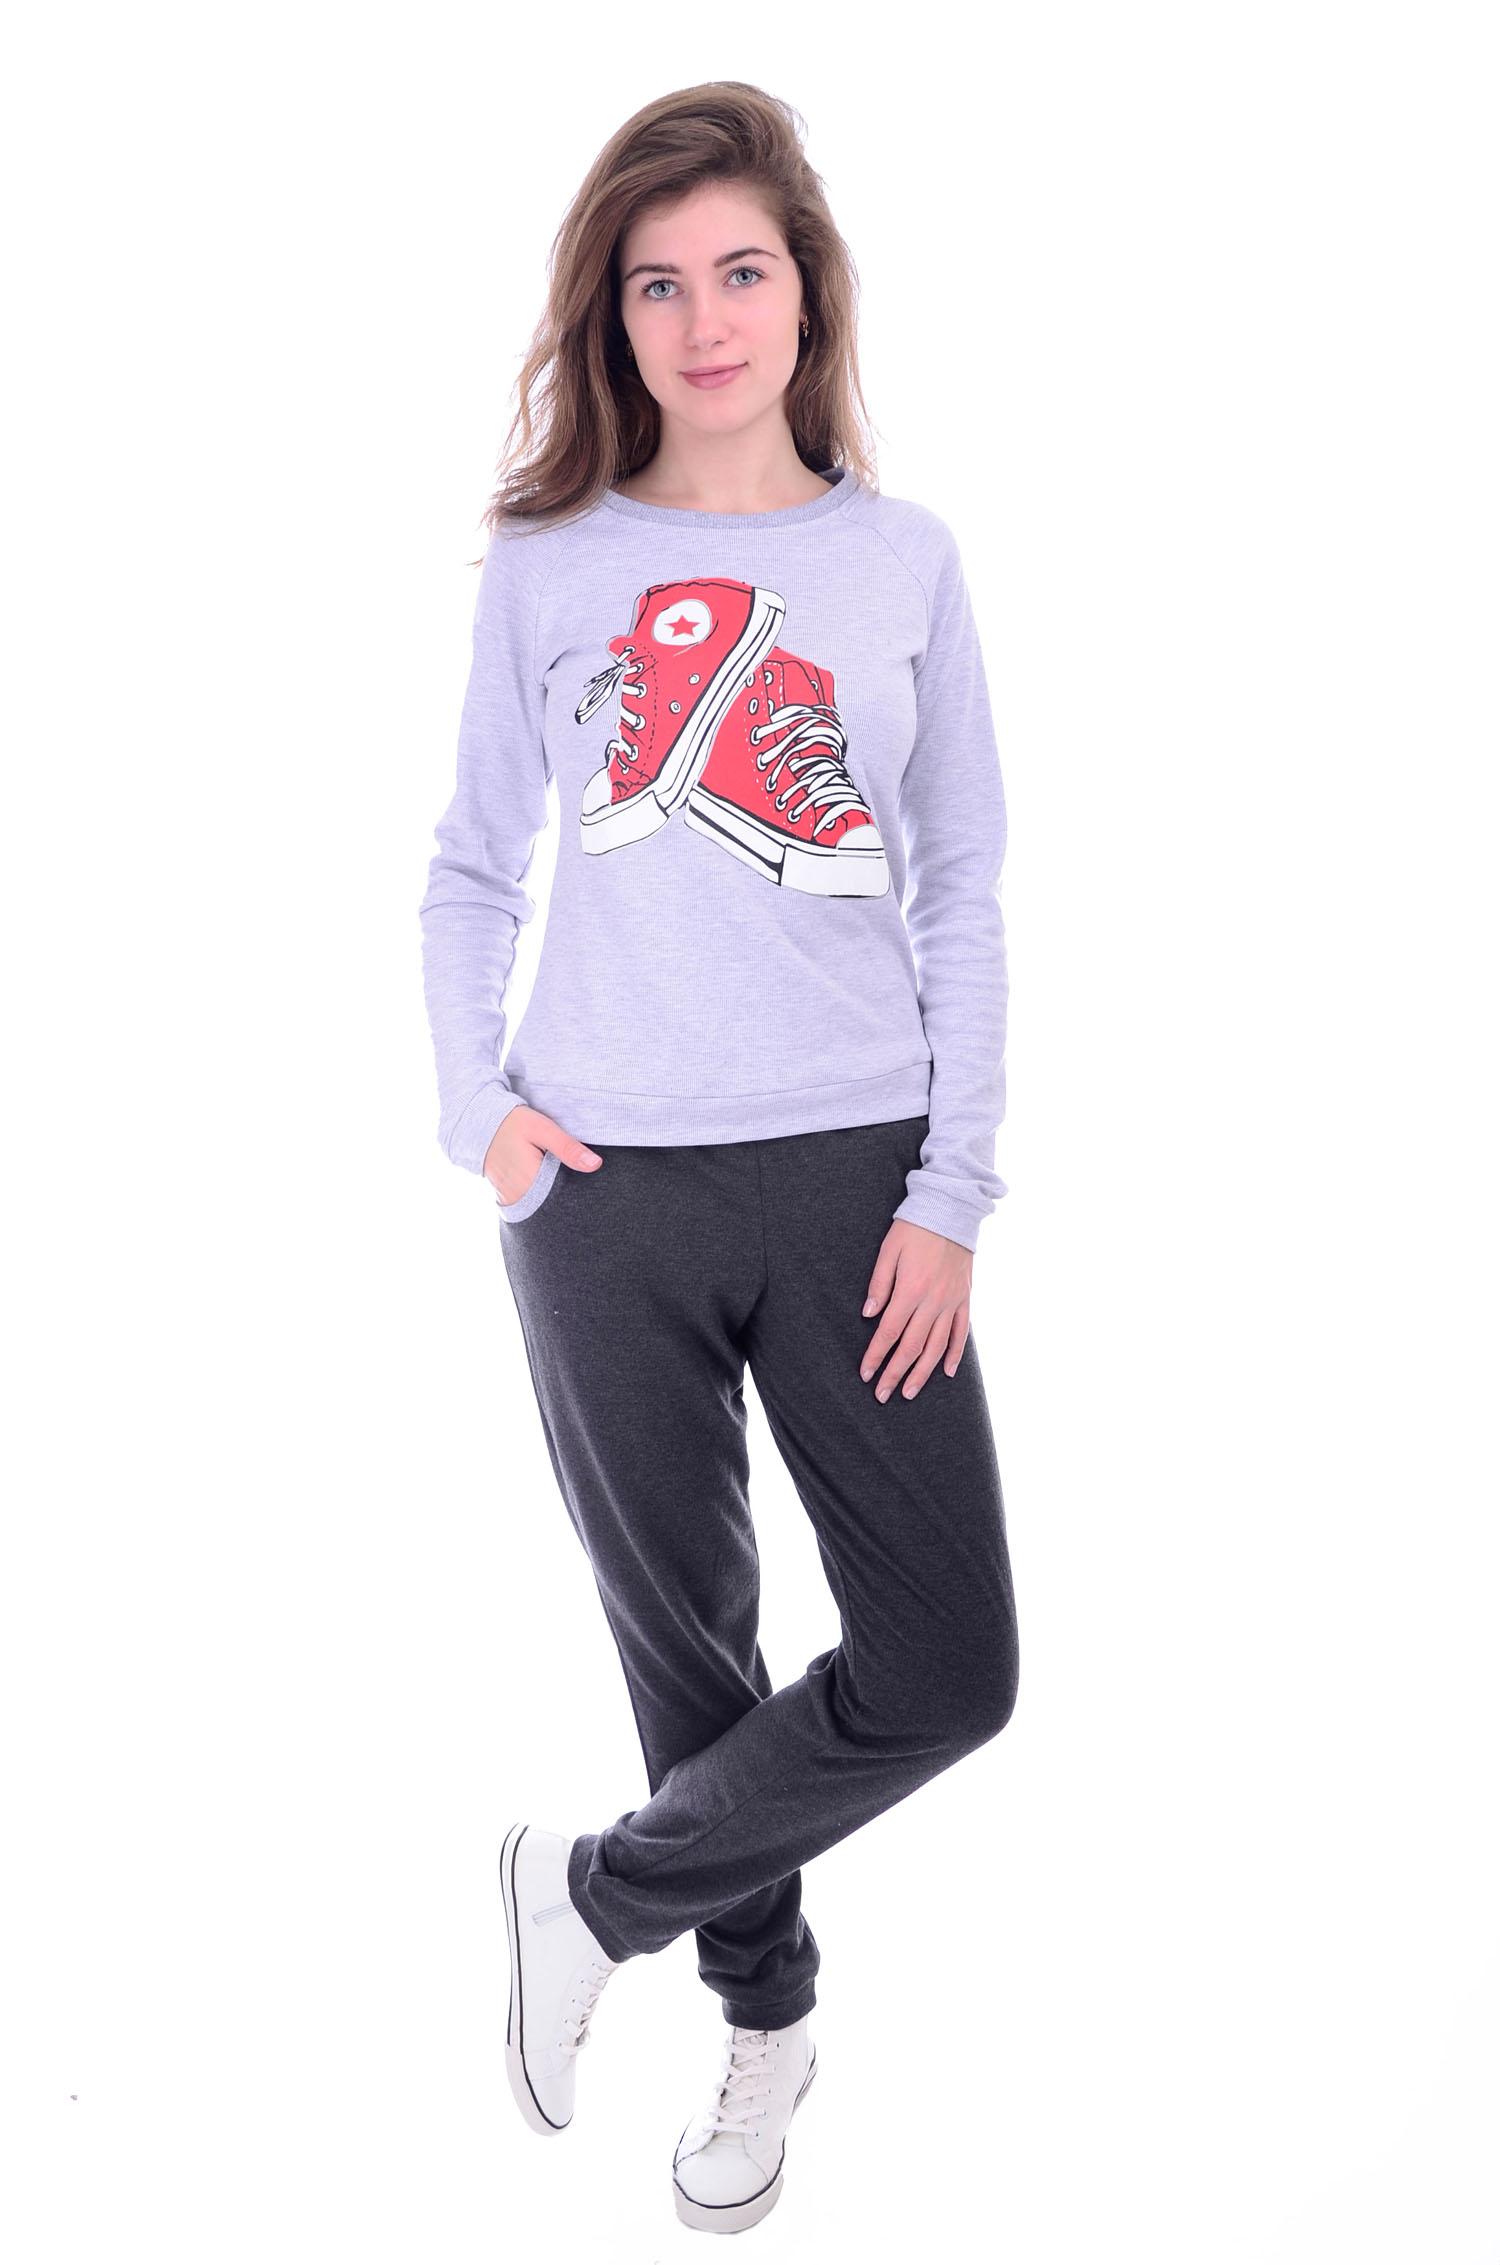 Костюм женский Кеды свитшот и брюкиКостюмы<br><br><br>Размер: 42